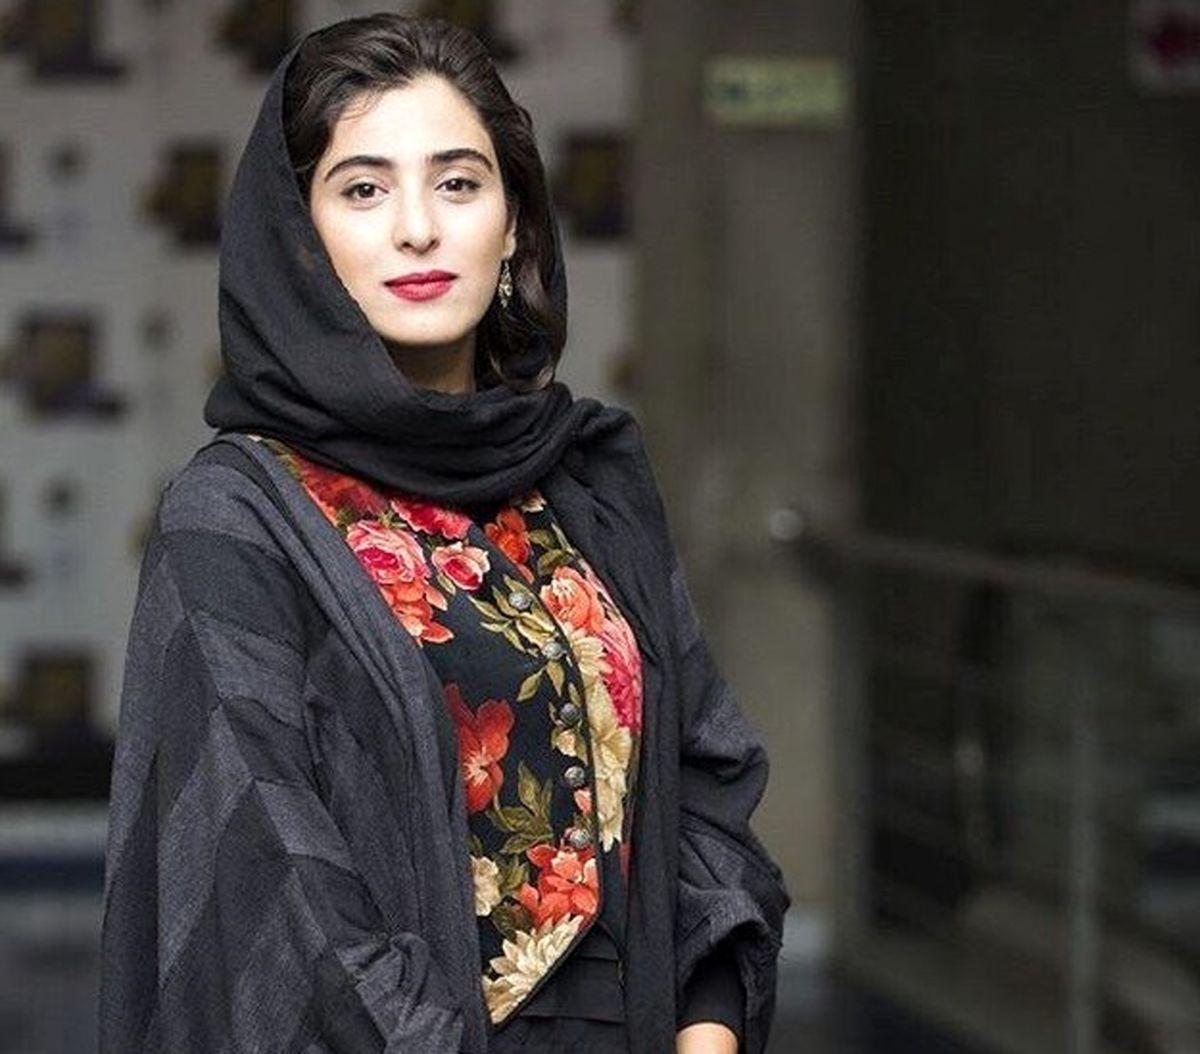 عکس جدید آناهیتا افشار در شب تولدش + عکس